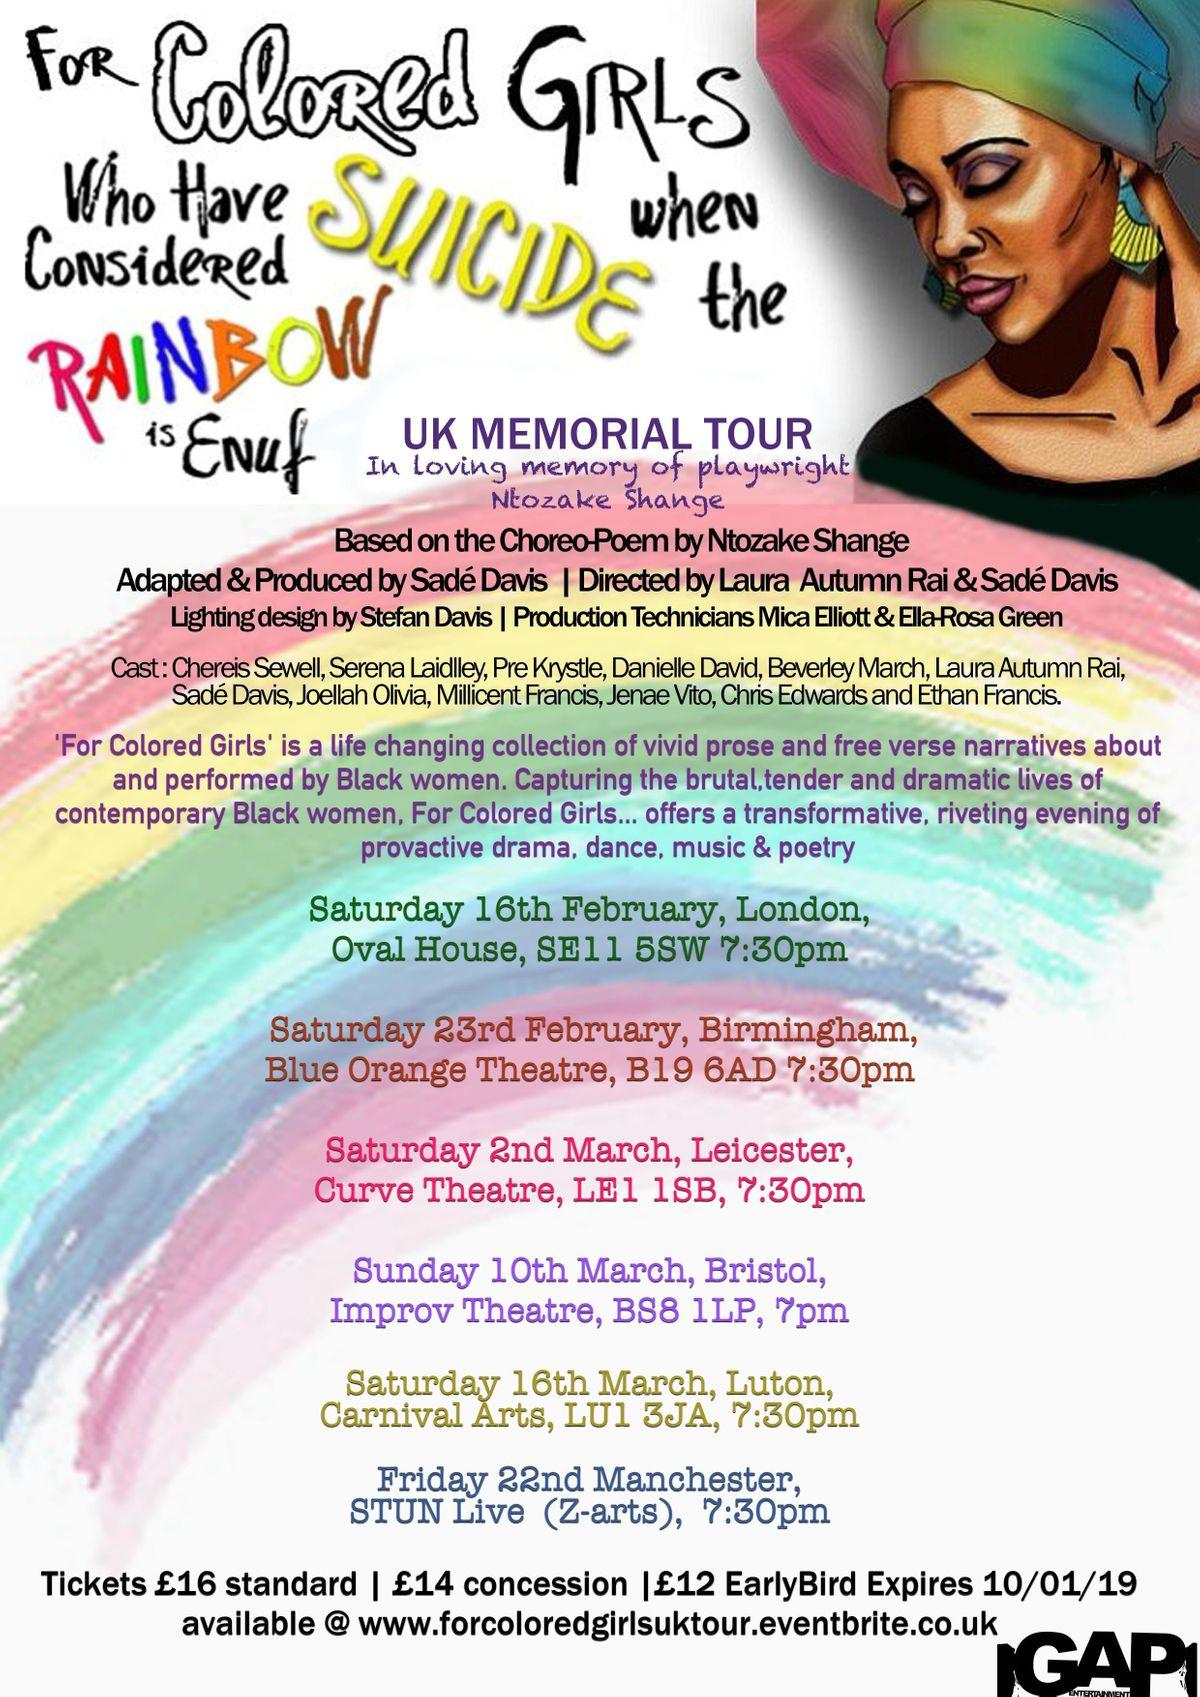 For Colored Girls - UK Memorial tour (BIRMINGHAM)